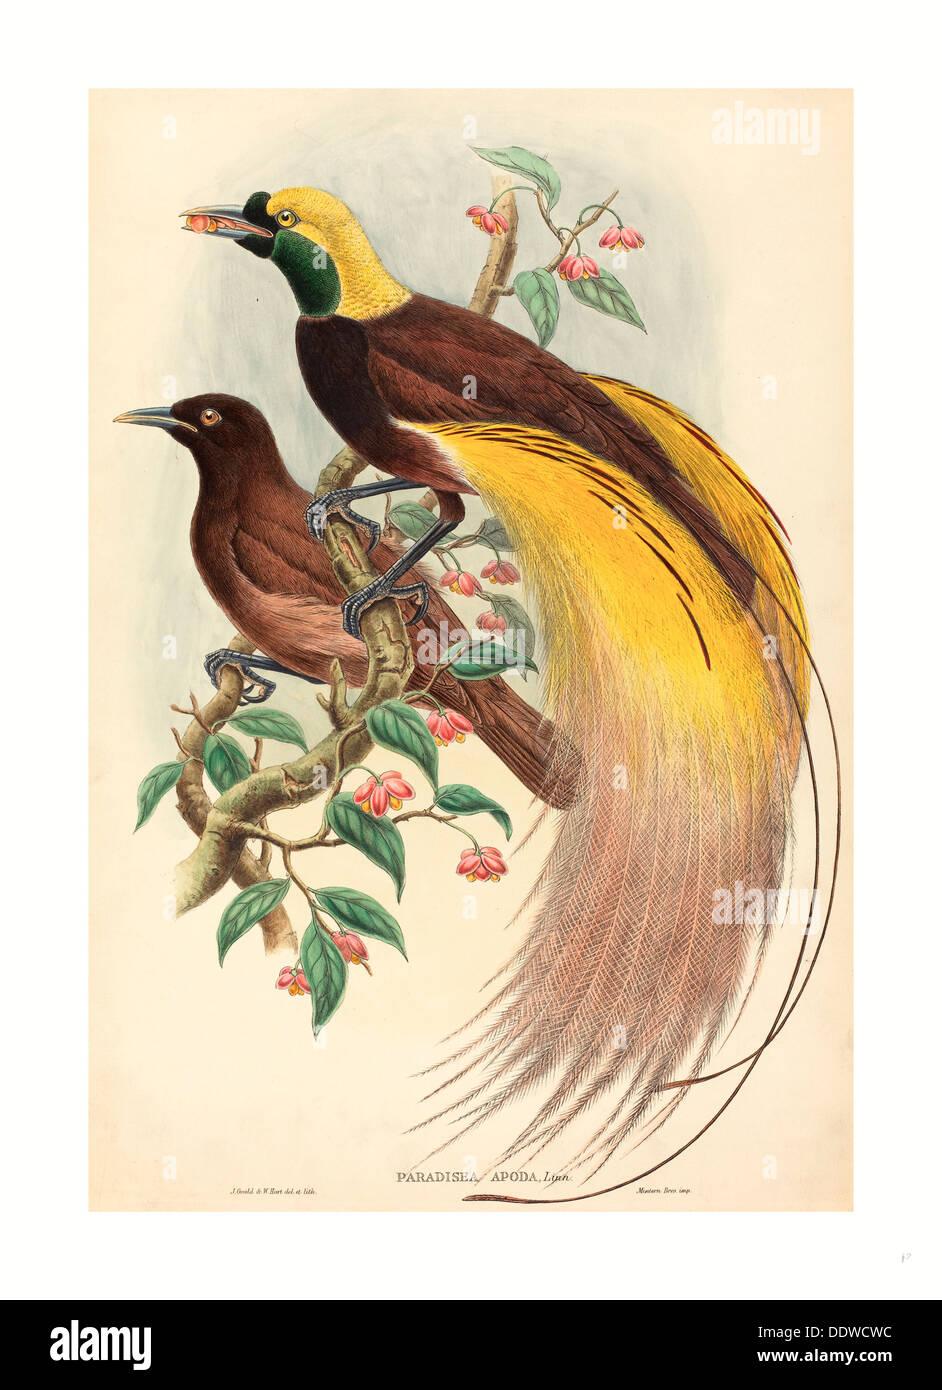 John Gould et W. Hart (British, 1804 - 1881 ), les Oiseaux du Paradis (Paradisea apoda), publié 1875, 1888 Photo Stock